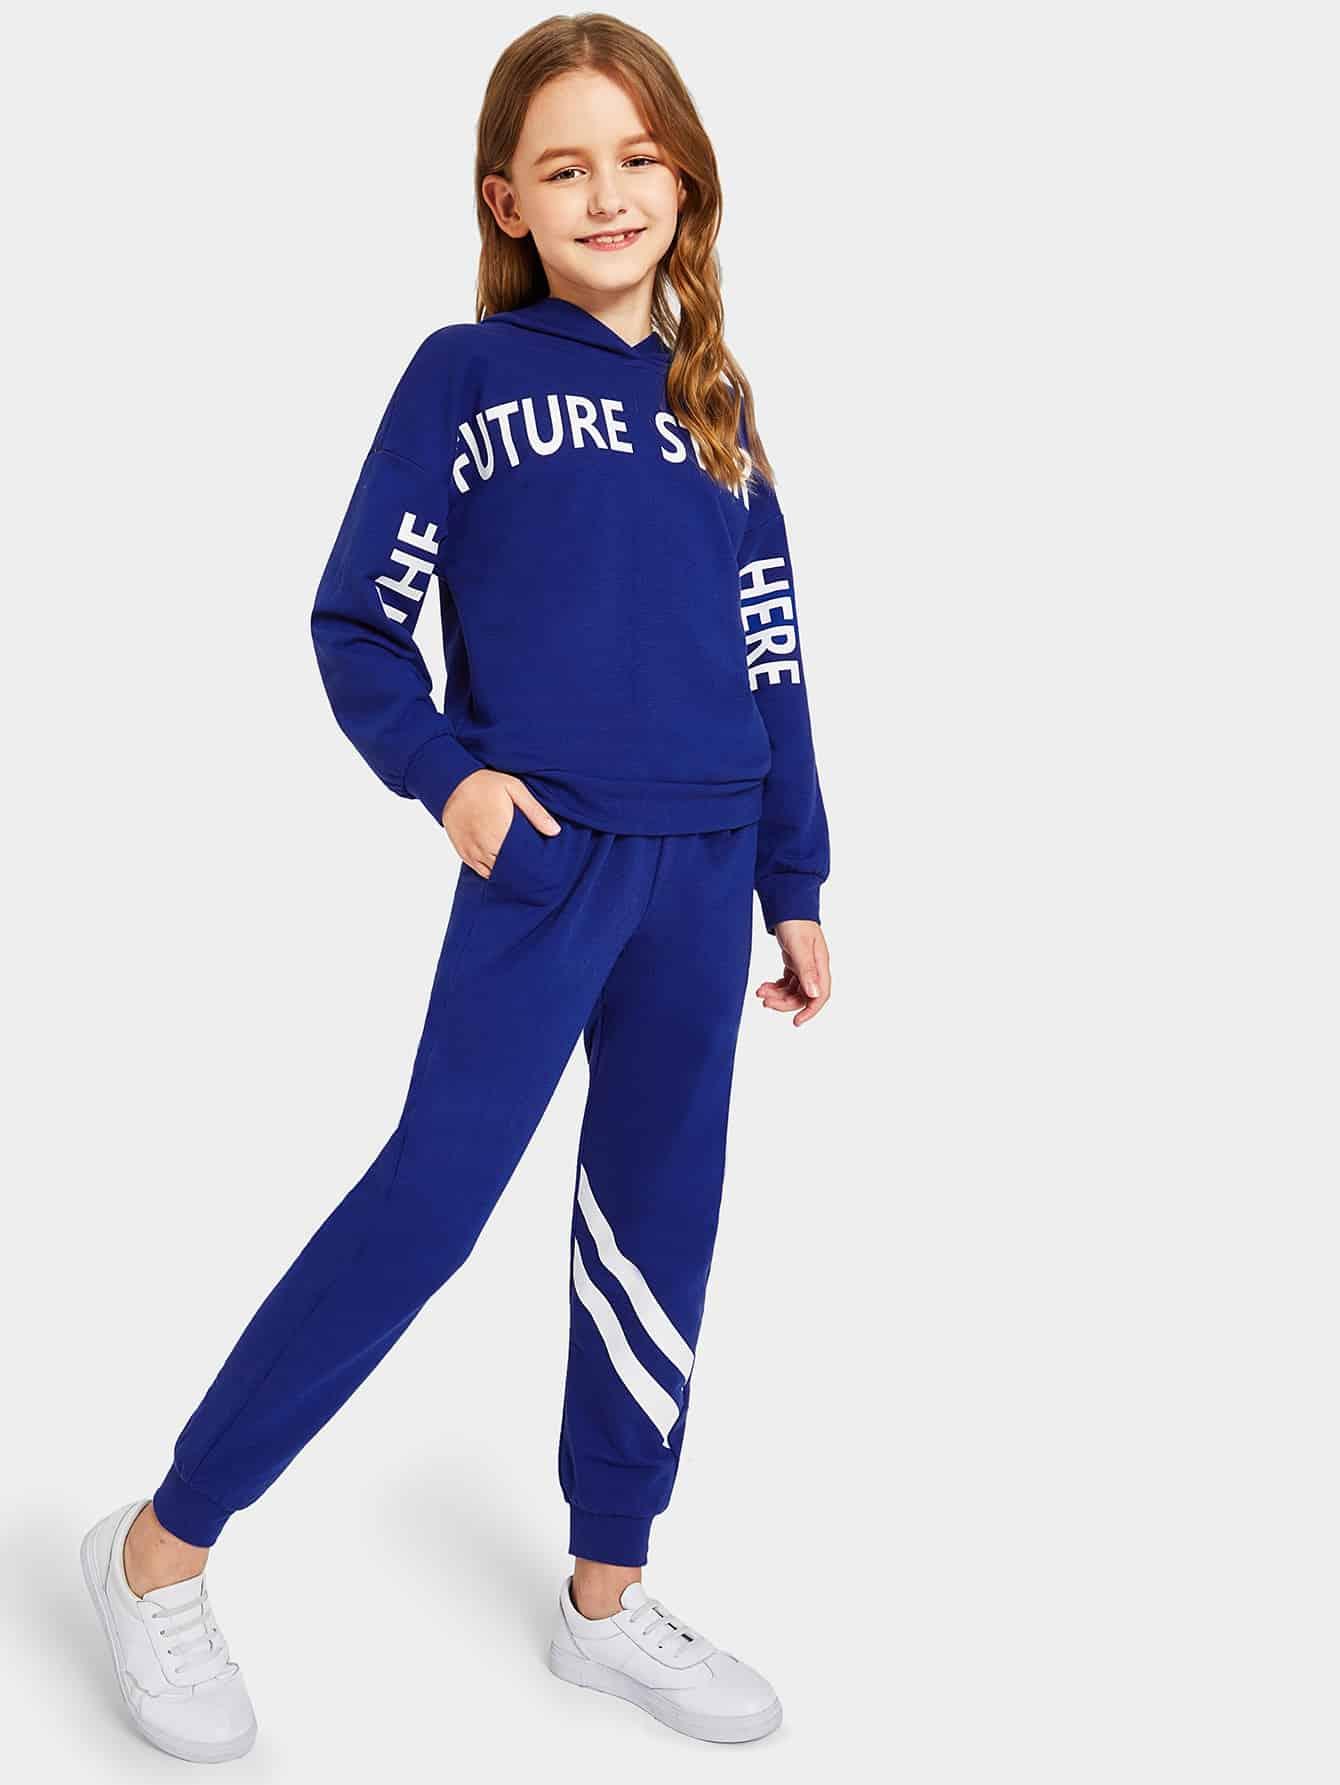 Купить Женская толстовка с текстовым принтом и полосатые спортивные брюки комплект, Sashab, SheIn